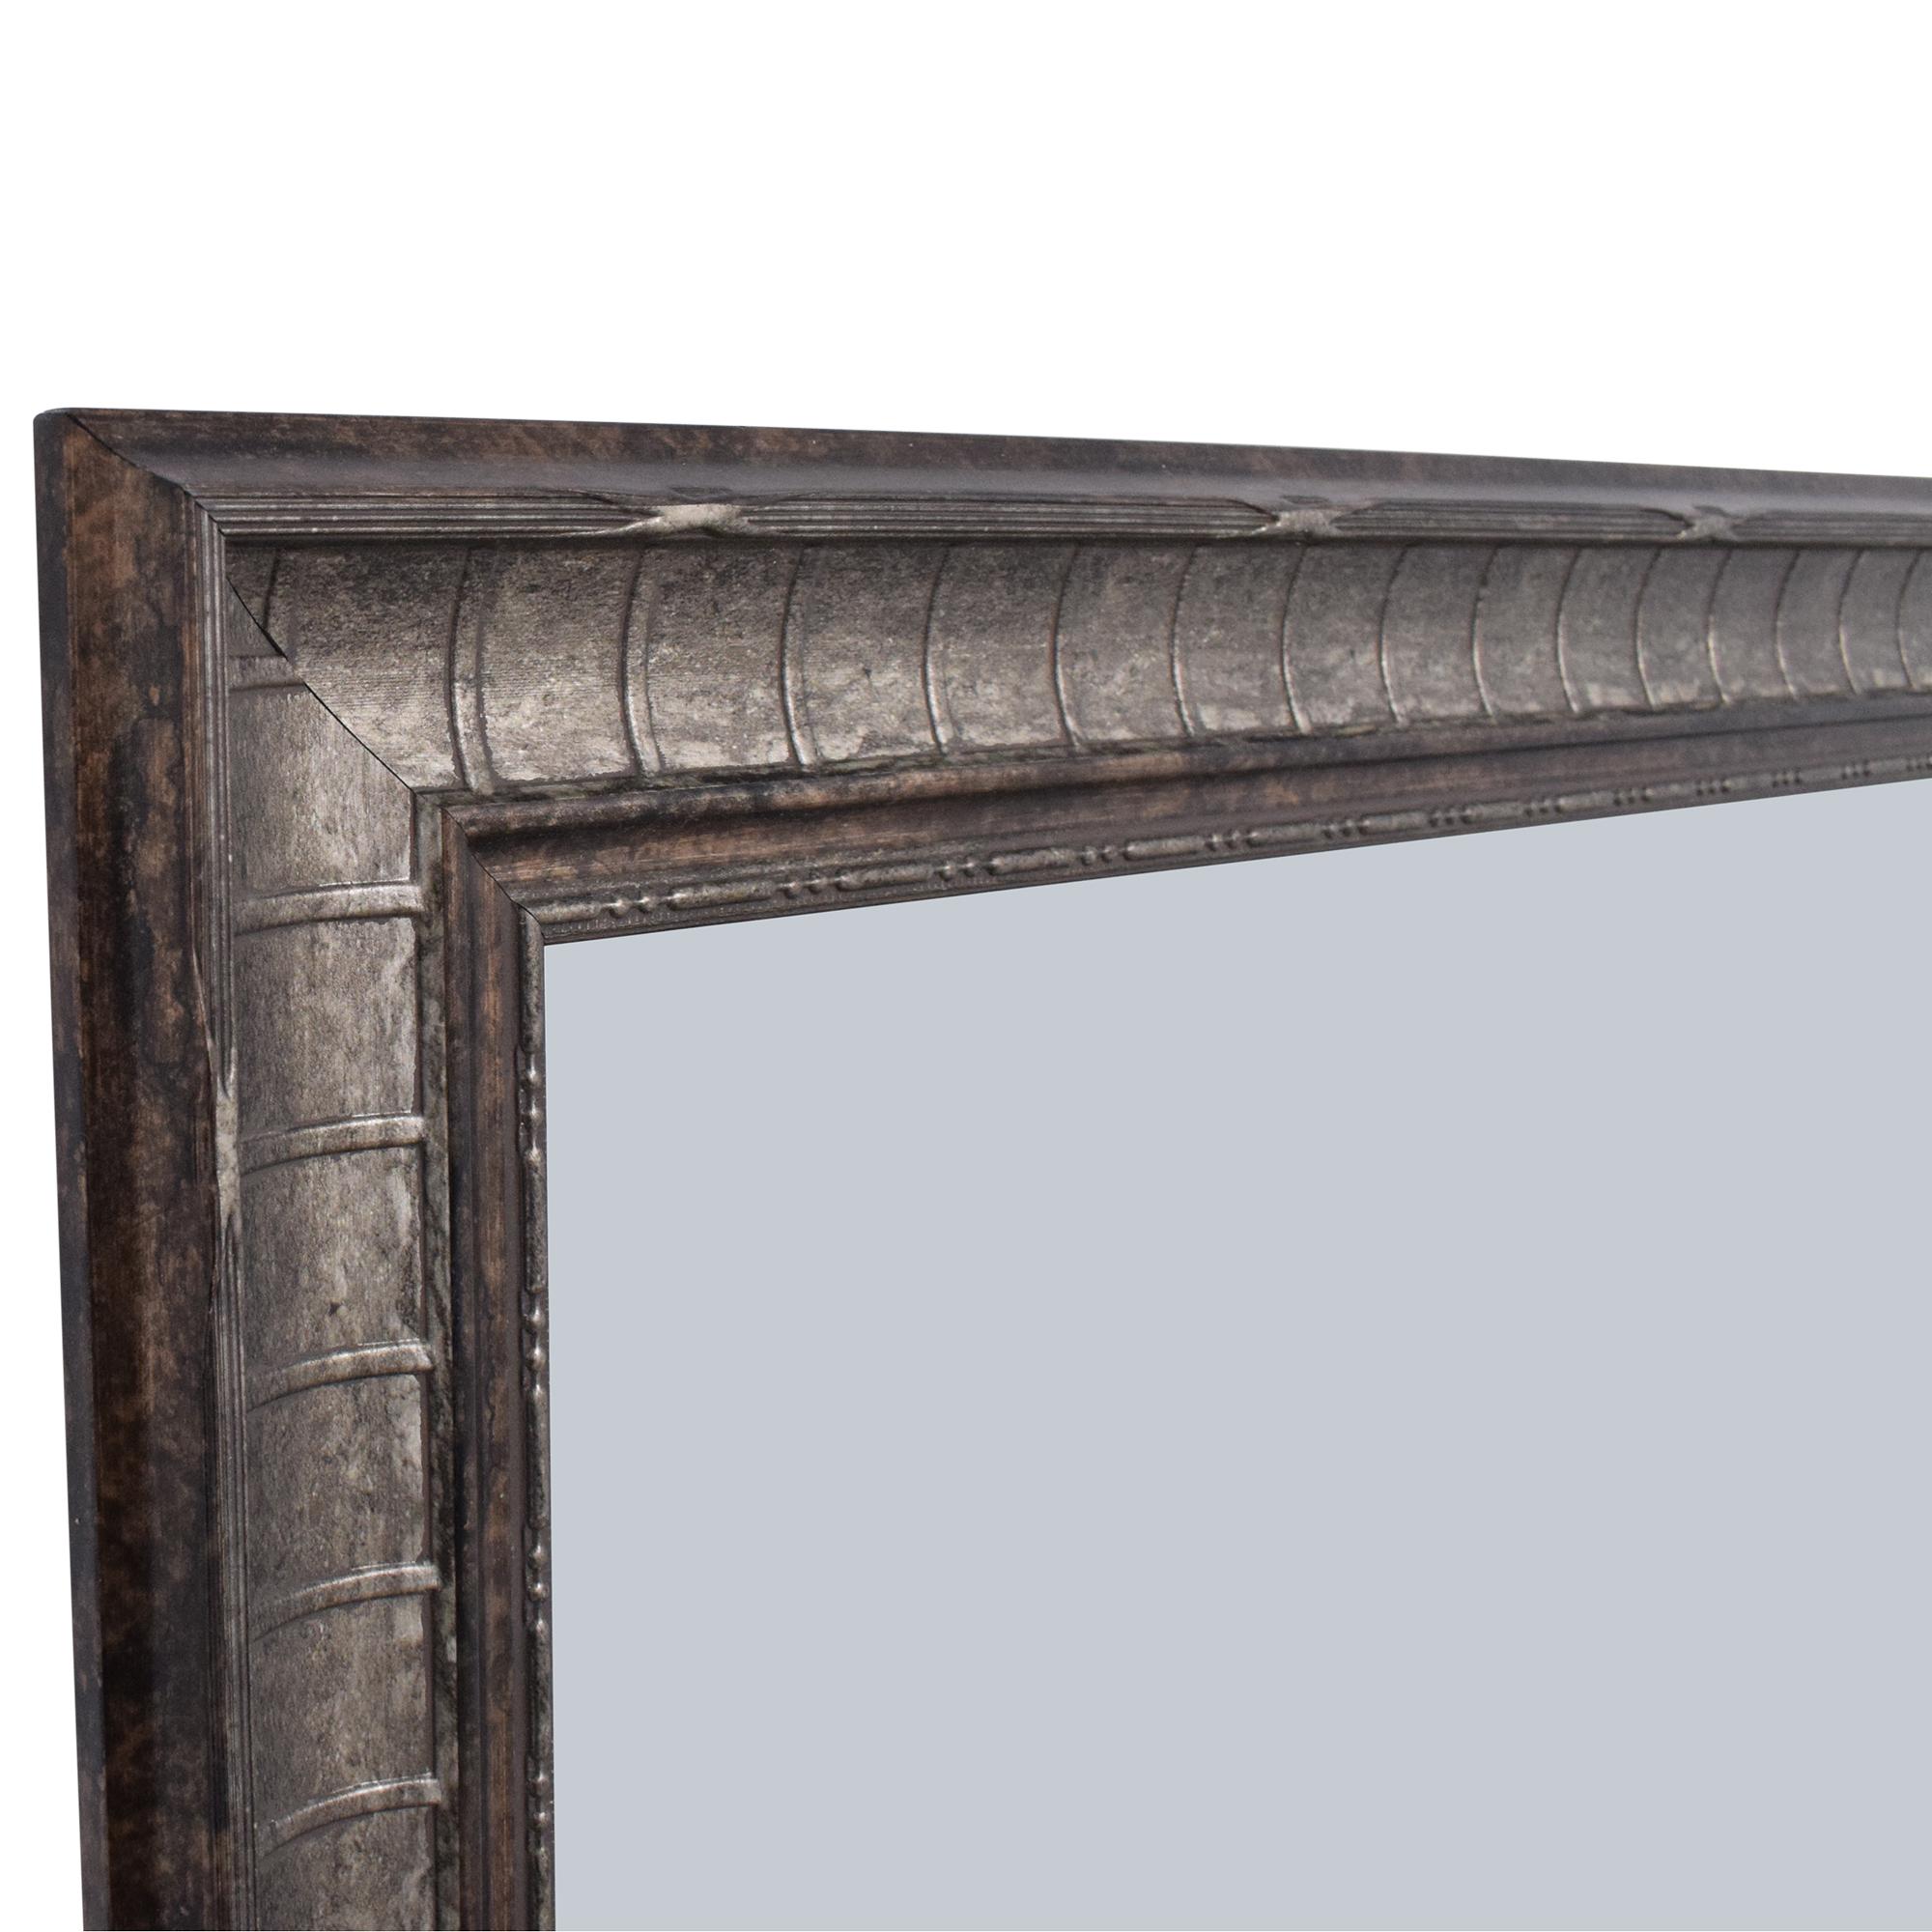 Macy's Wall Mirror / Mirrors